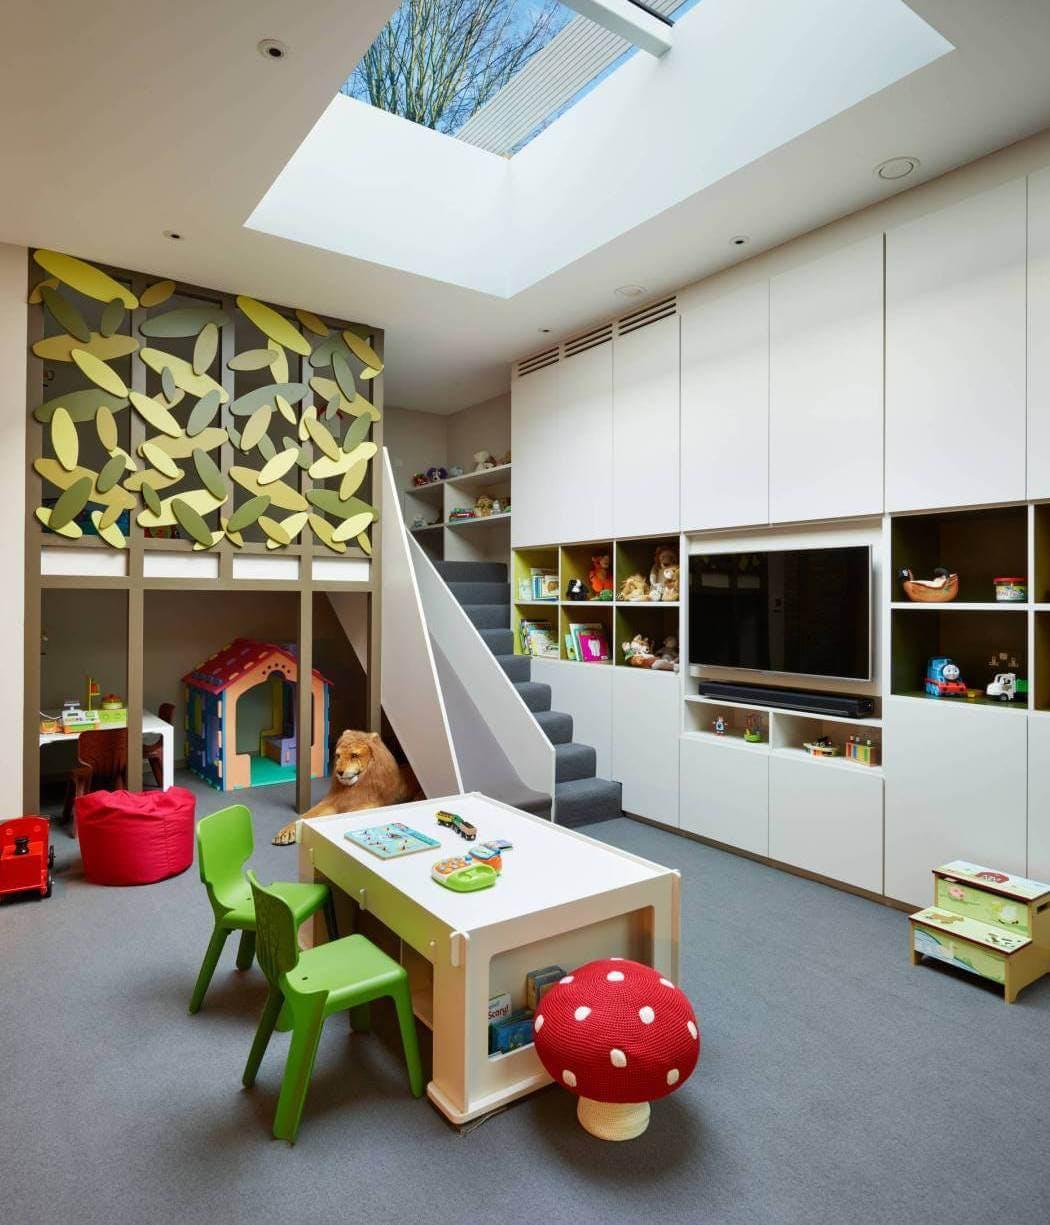 Eclairage Sous Sol Maison aménagement sous-sol : comment faire ? a quel prix ?